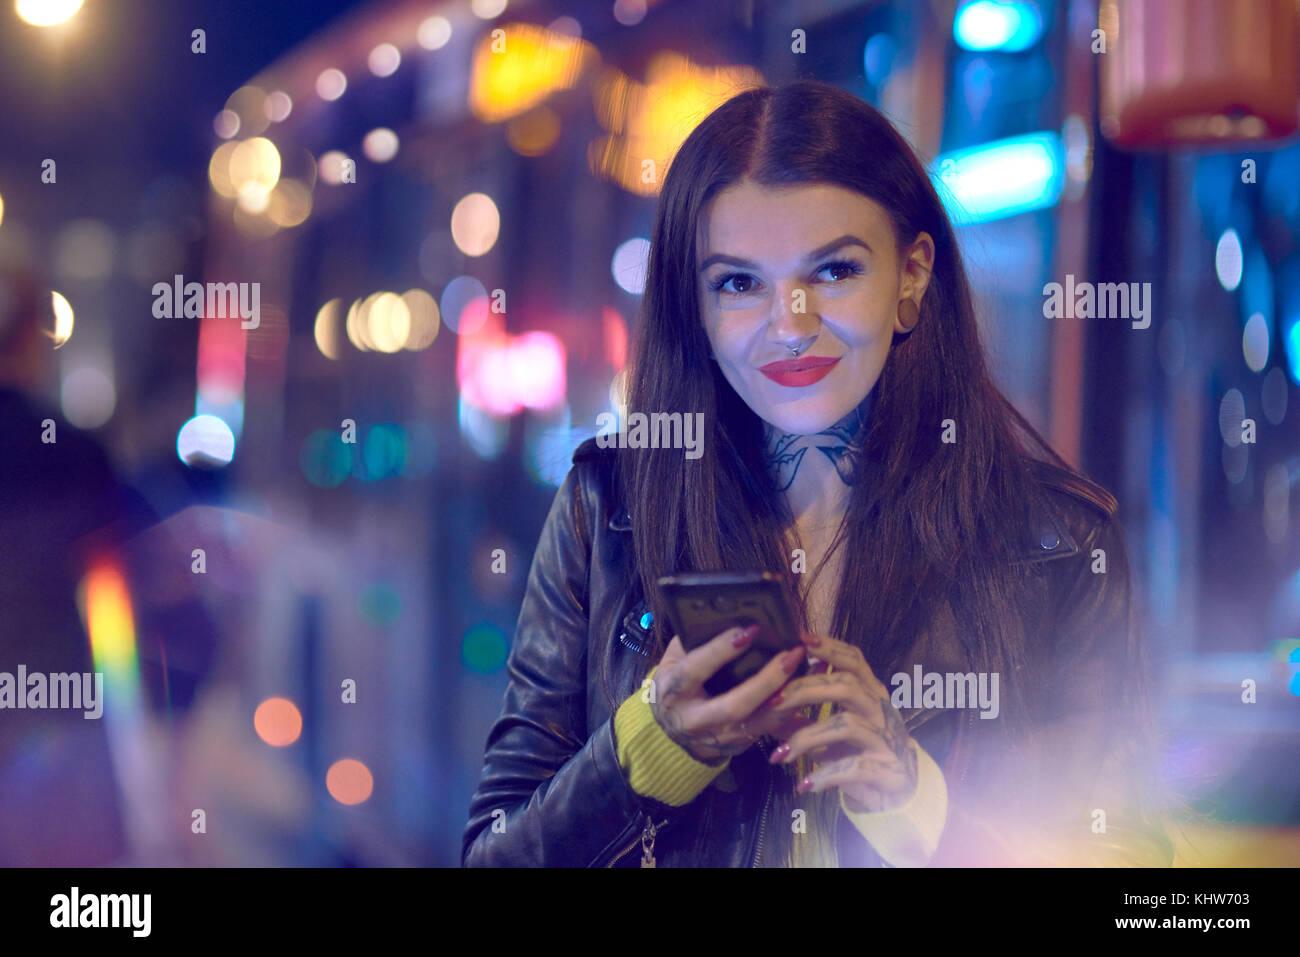 Junge Frau draußen in der Nacht, Smartphone, Tattoos auf Hals und Hand Stockbild